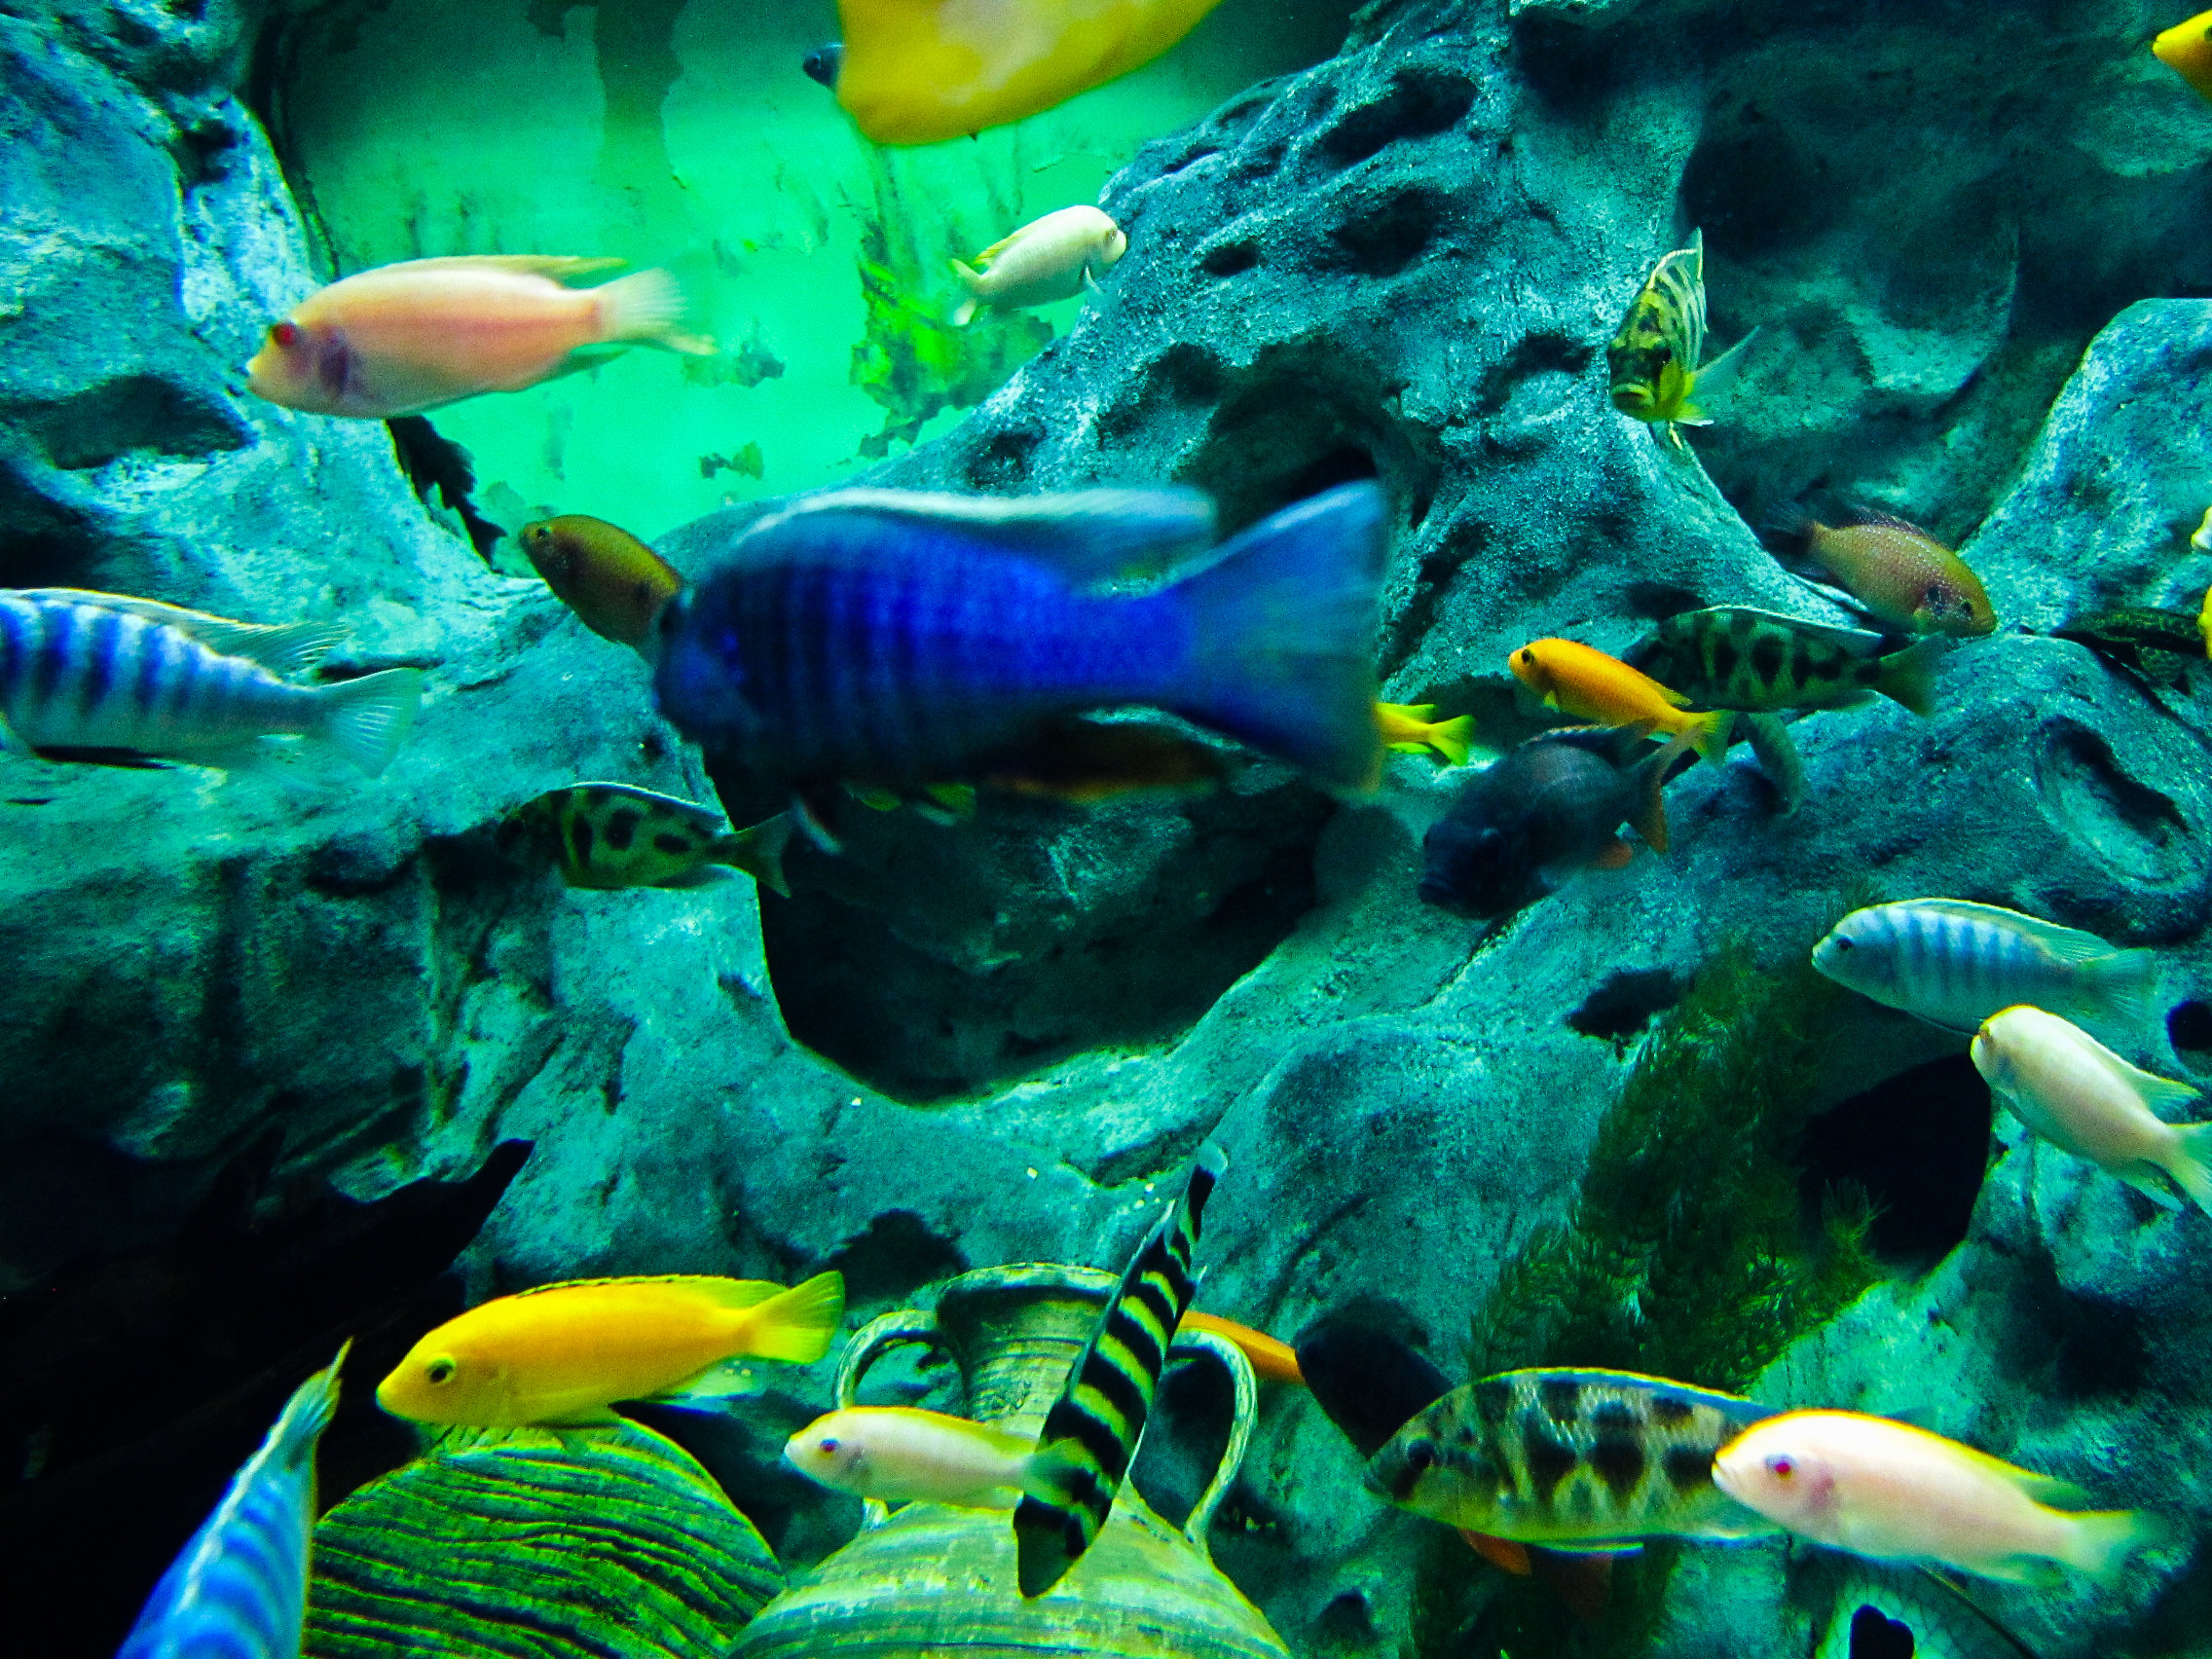 金鹰海洋世界由金鹰国际集团与韩国新世界在香港成立的金宁有限公司投资的,算起来还算是有些外国血统。他是以海底生物为主题的室内观赏性娱乐项目,是一个文化互动、亲子互动、情感互动的平台,能让更多的人认识海洋生物,了解海洋生物,进而学会保护海洋生物。去的时候最主要的观赏人群还是孩子,作为一名没有带小孩的成年来说,处在那个氛围中还算是比较尴尬的,还好我拥有一颗强大的内心。